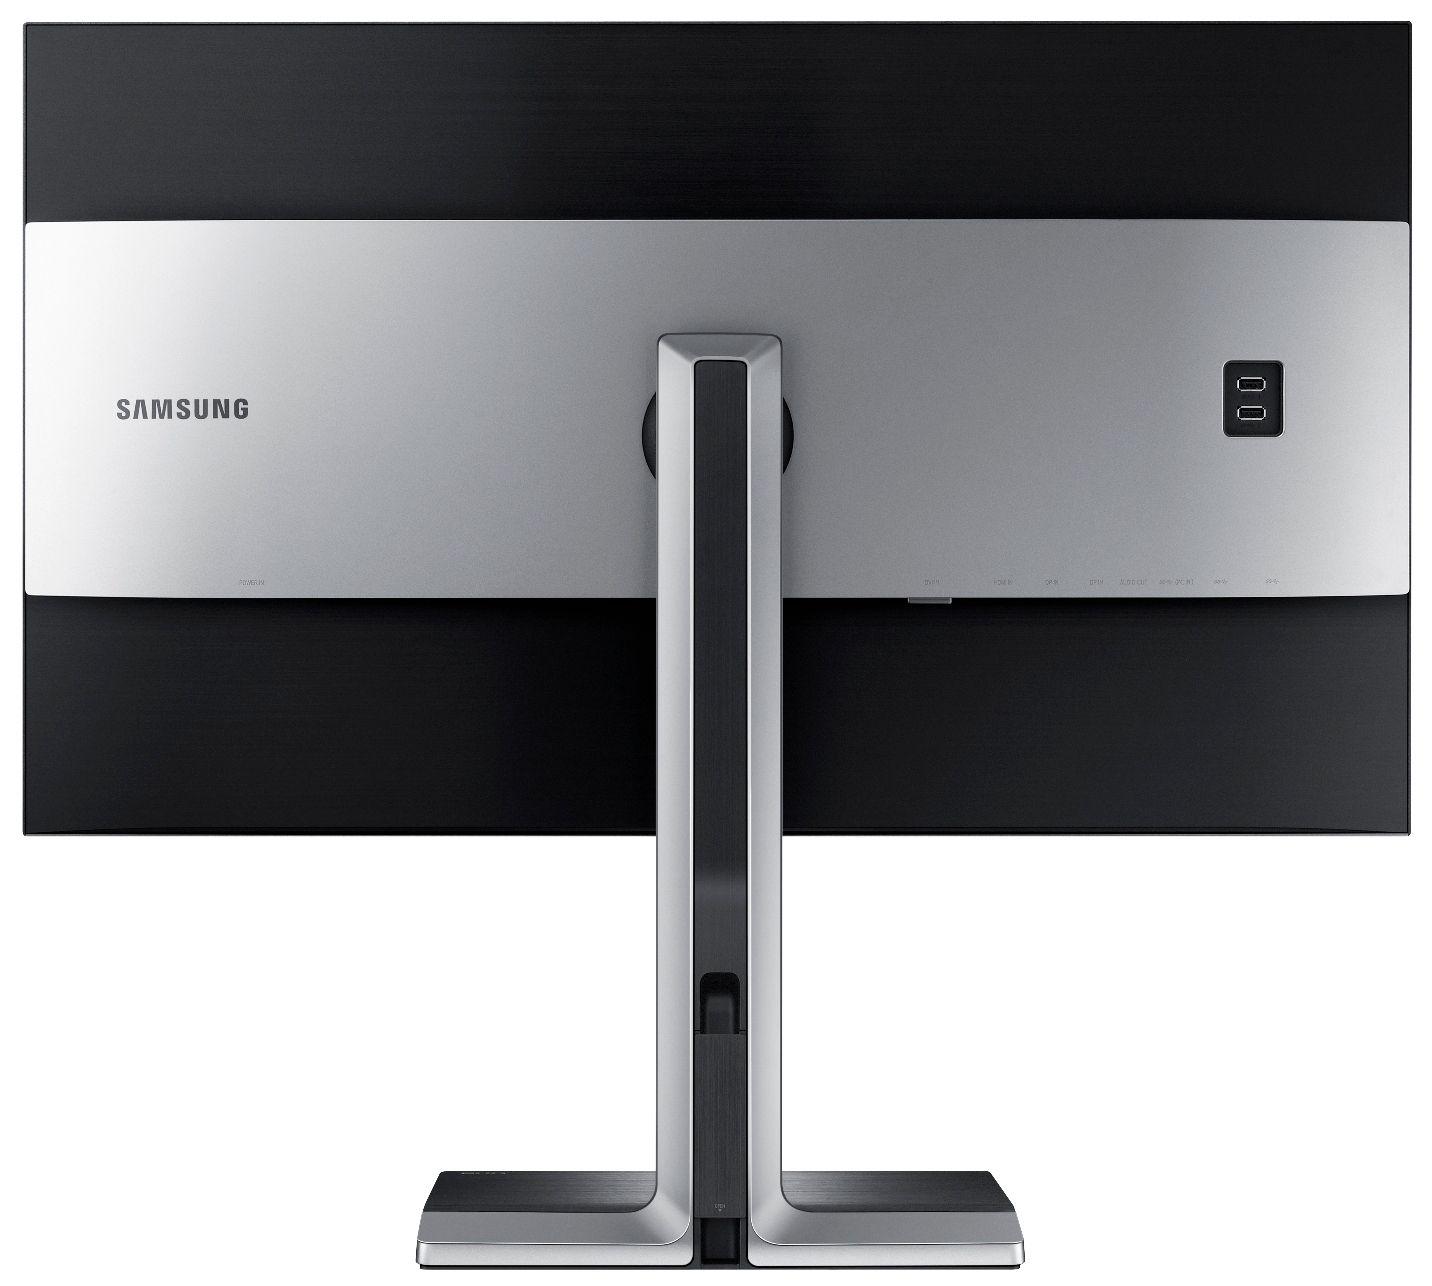 Det er tydelig at Samsung også har brukt litt tid på å designe den nye 4K-skjermen.Foto: Samsung